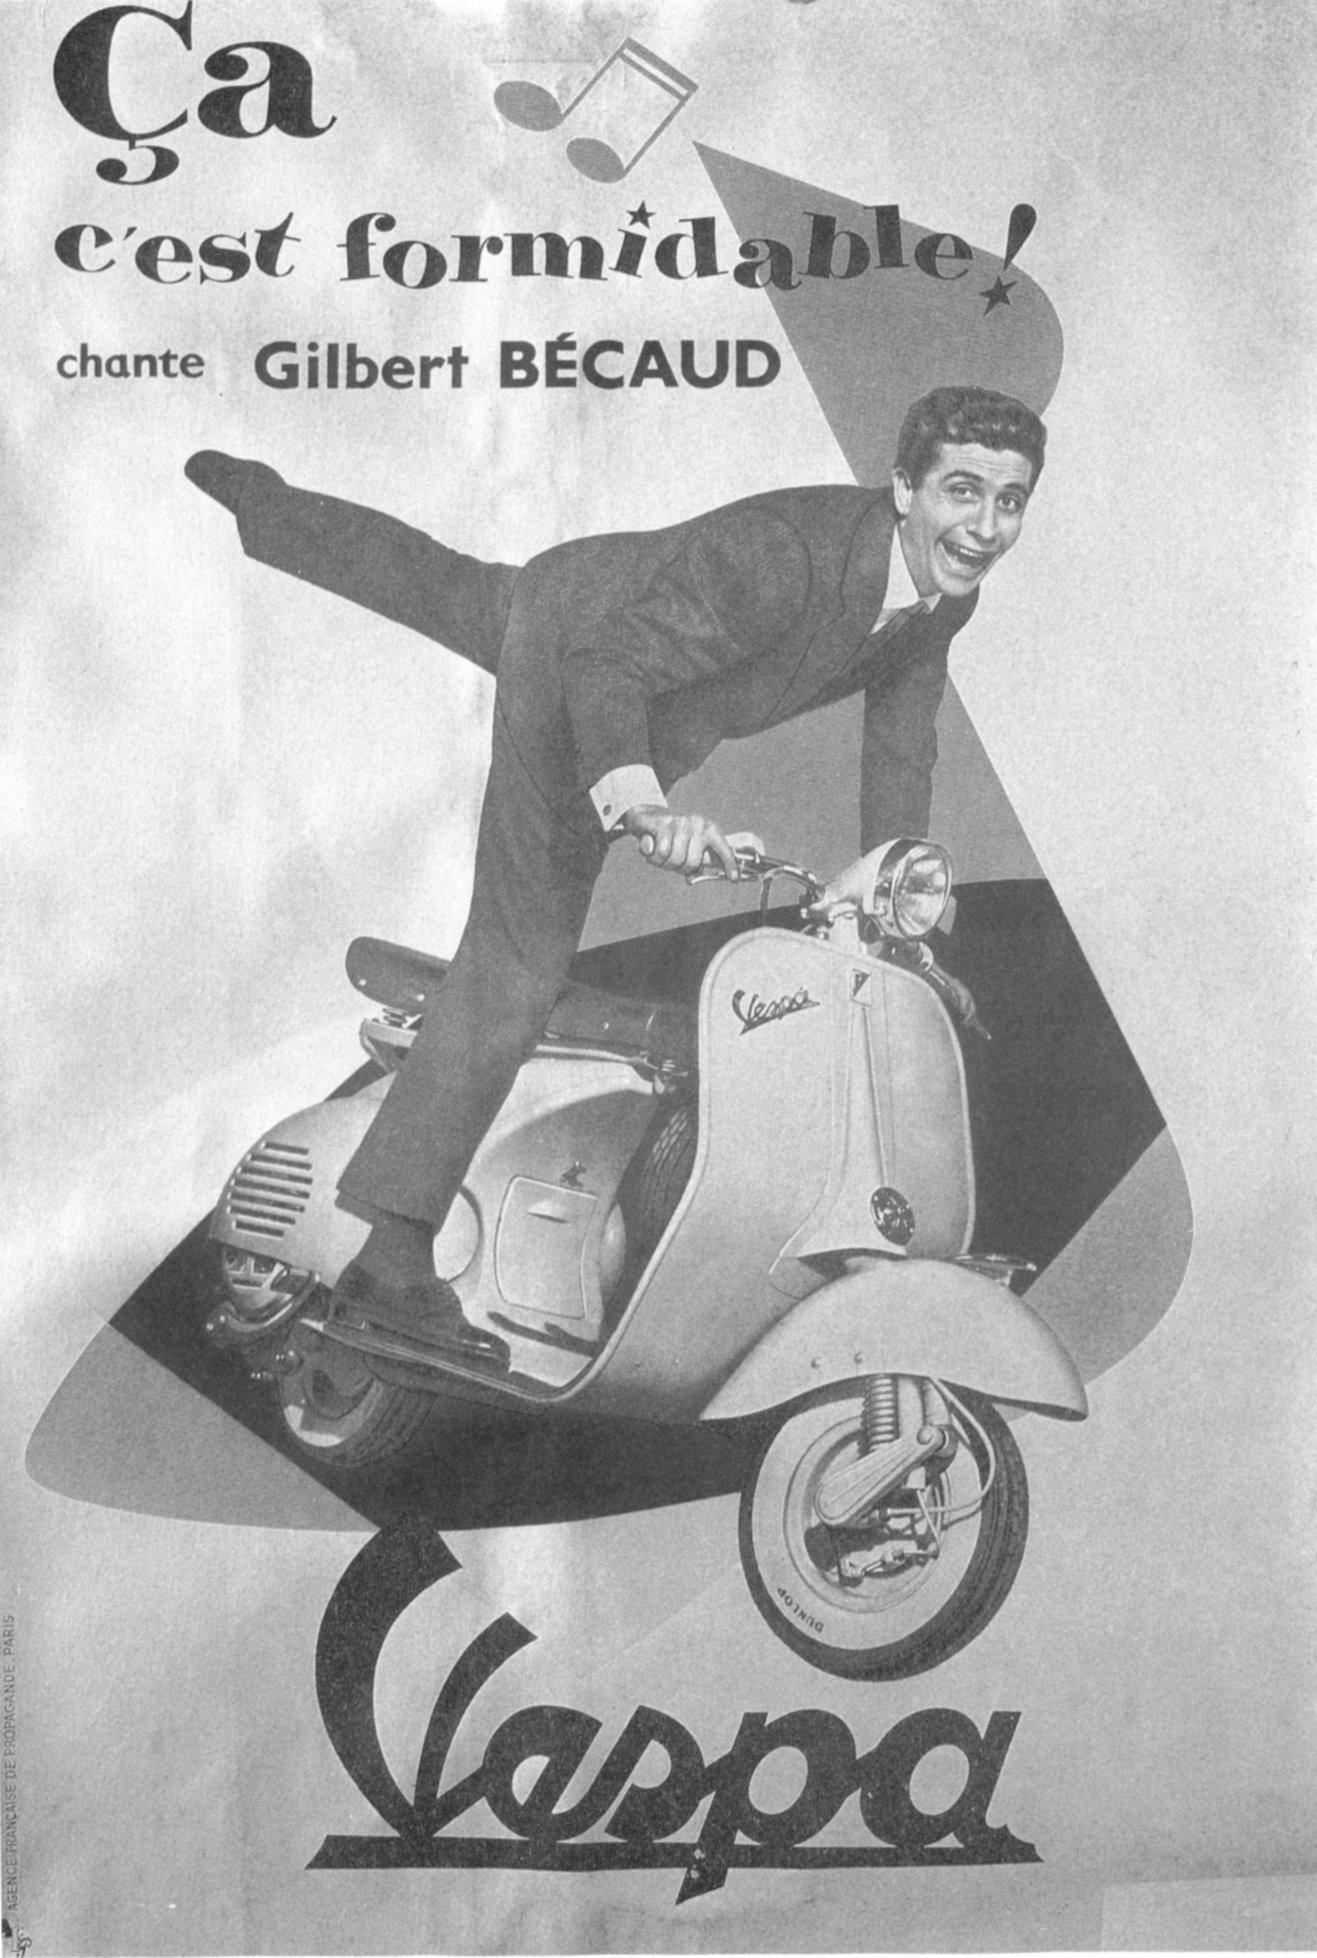 Publicite 1950 1965 7